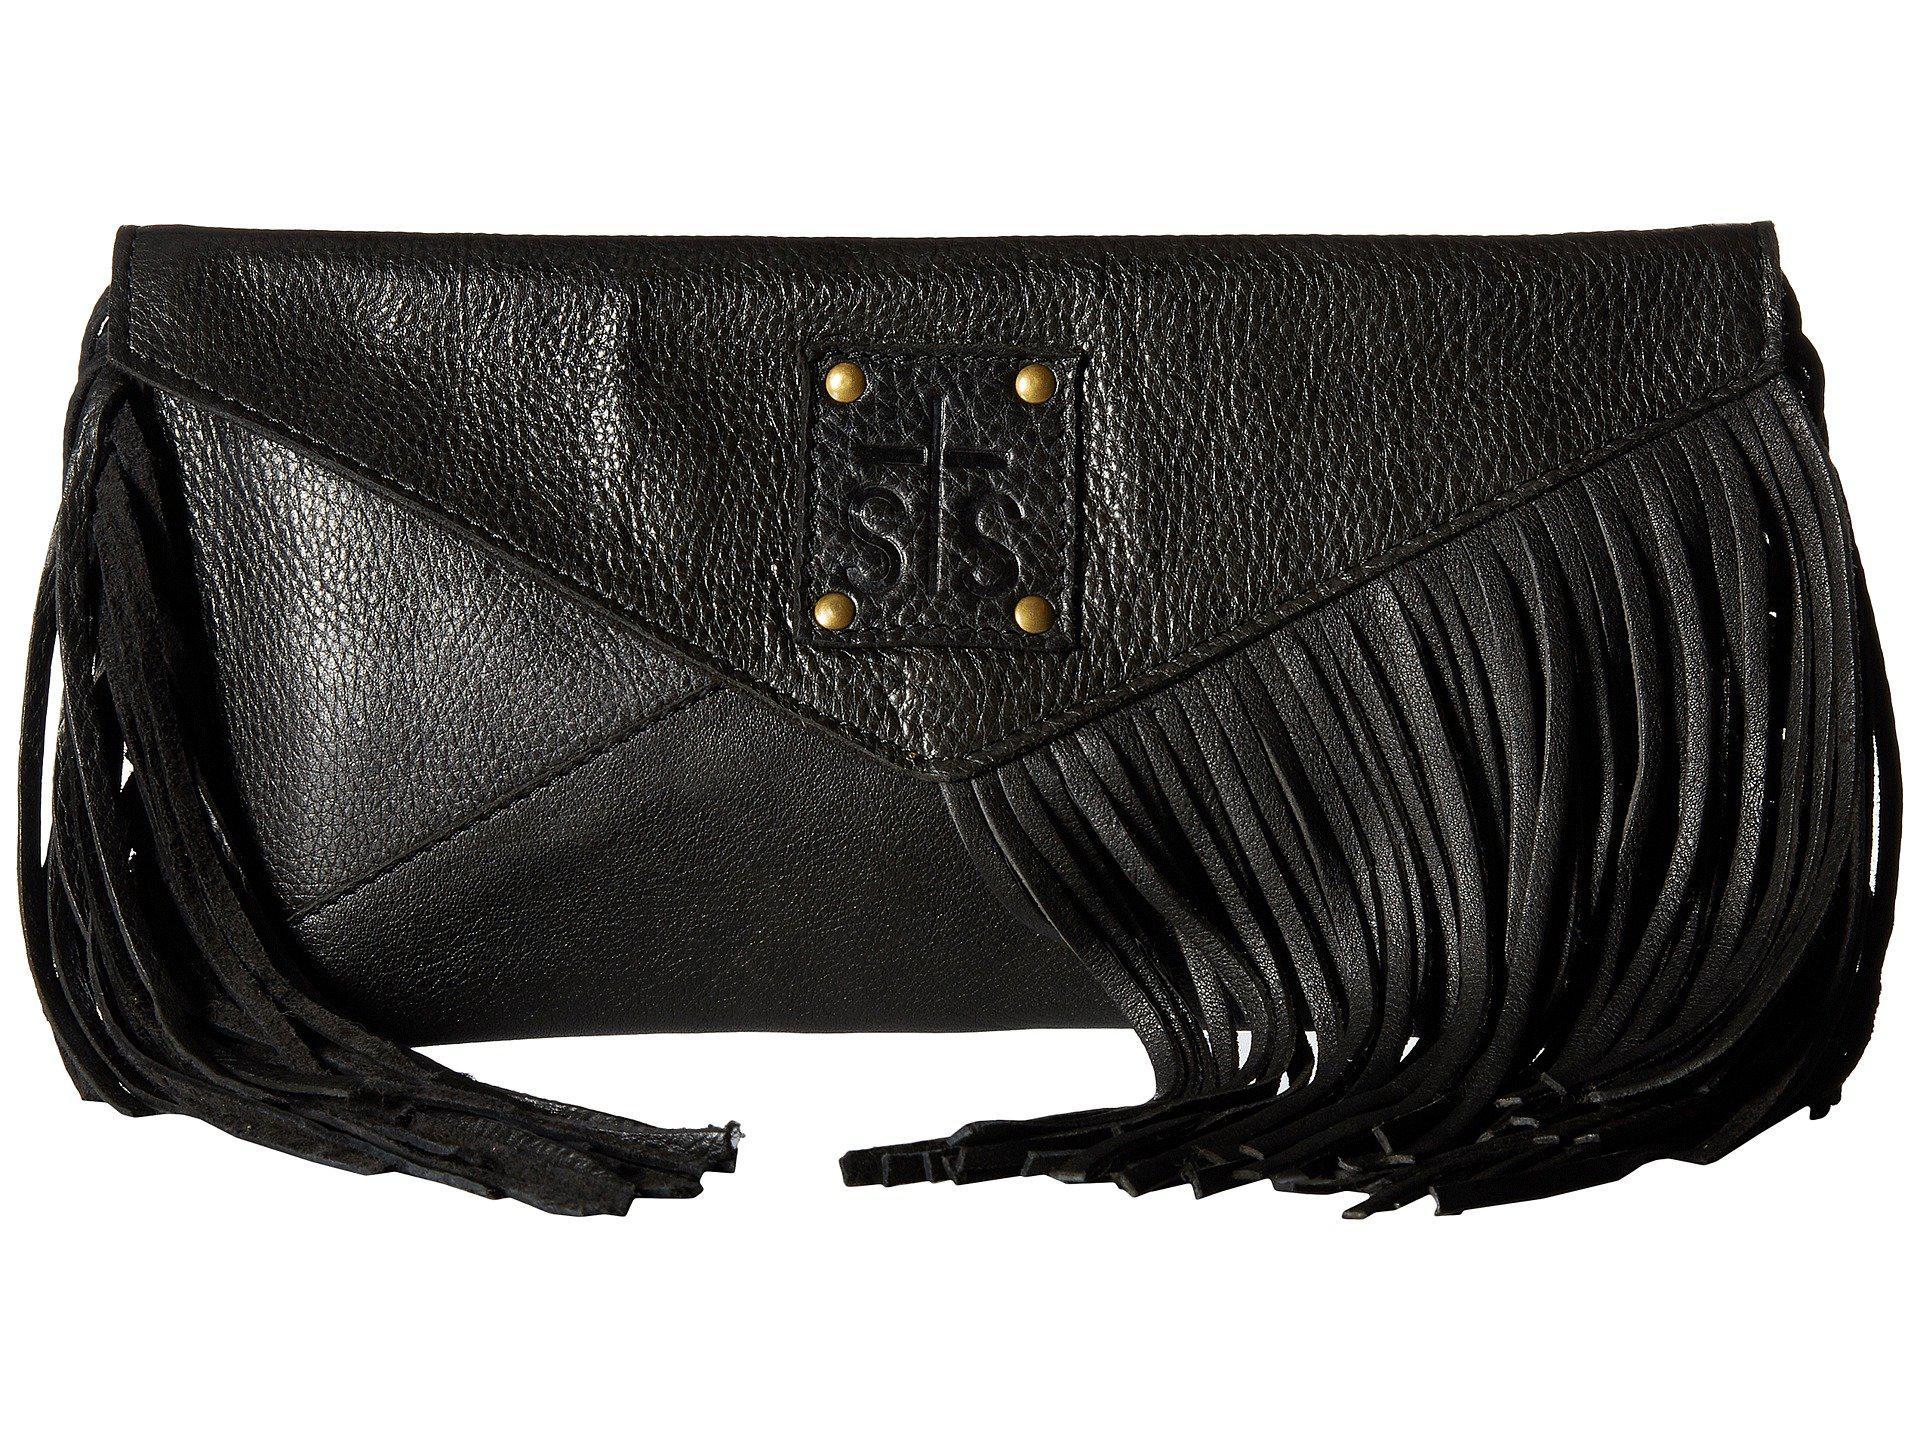 666f33b7a89a STS Ranchwear. Women s Black Envelope Clutch (urban Powder Fog) Clutch  Handbags